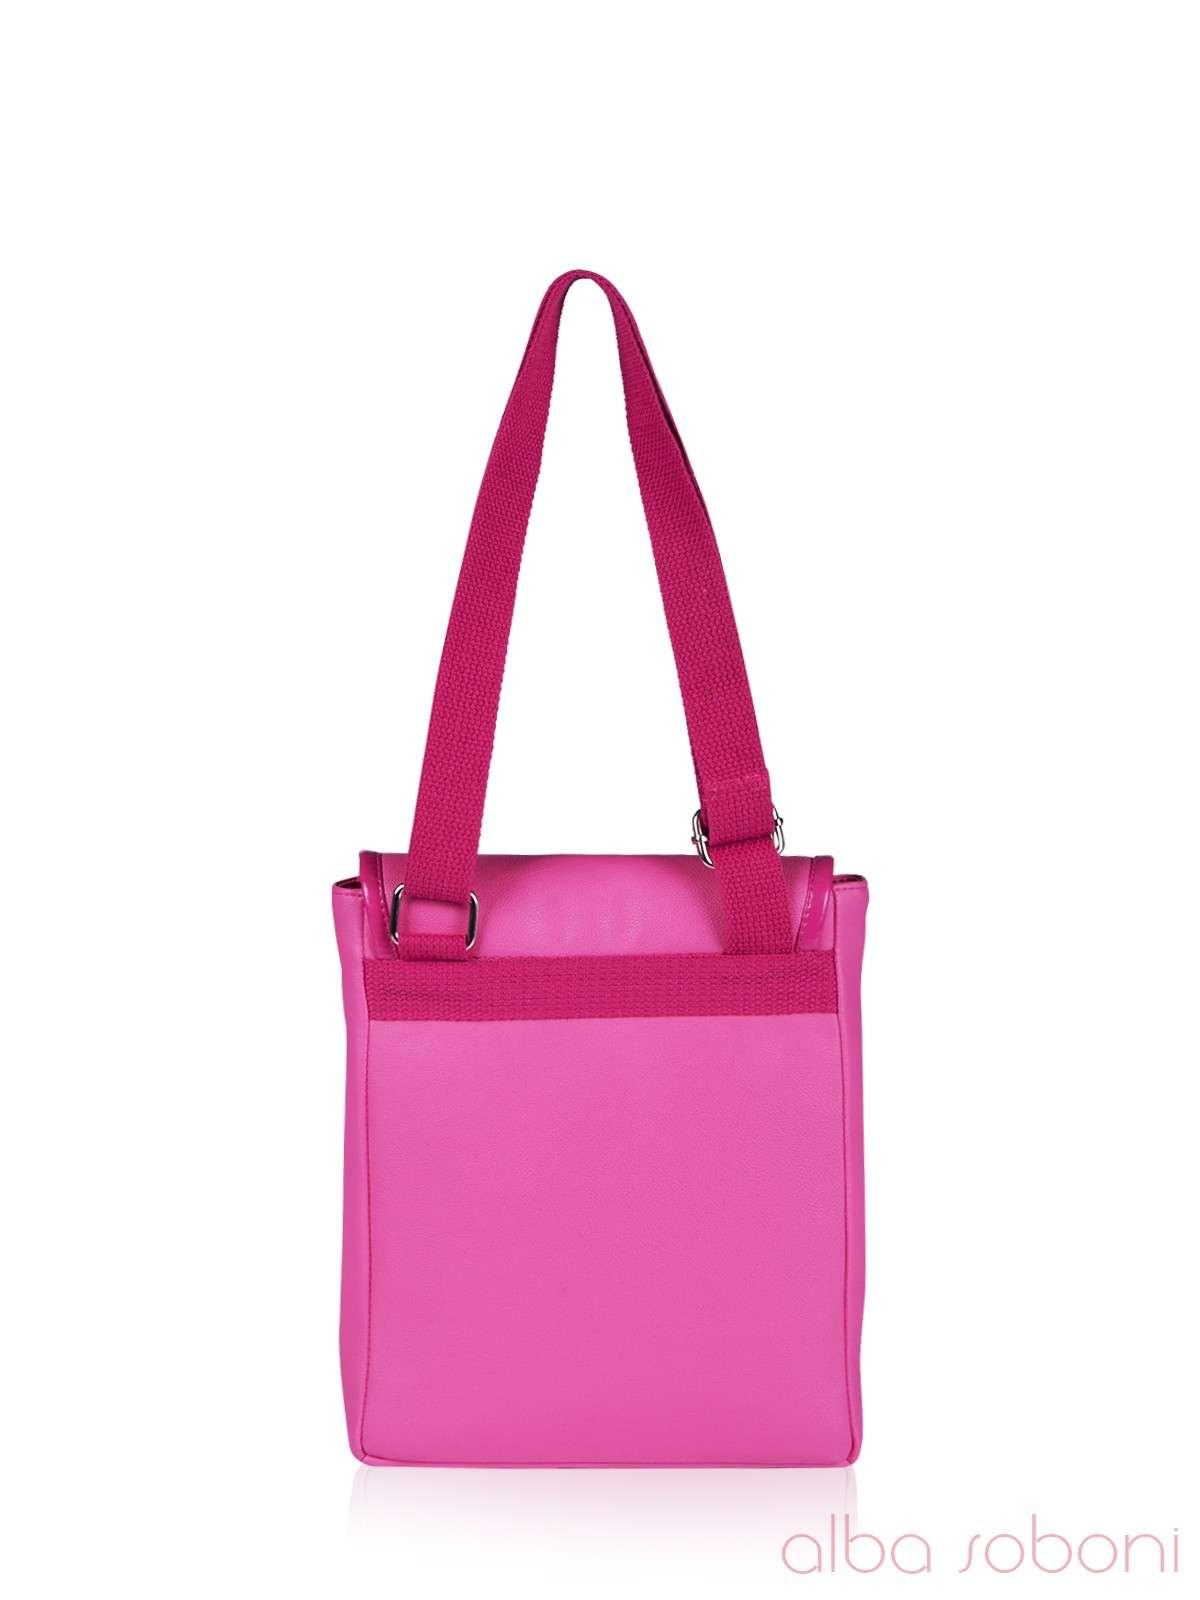 99ee8dd4bbea Стильная детская сумочка, модель 0332 малиновый. Фото товара, вид сзади.